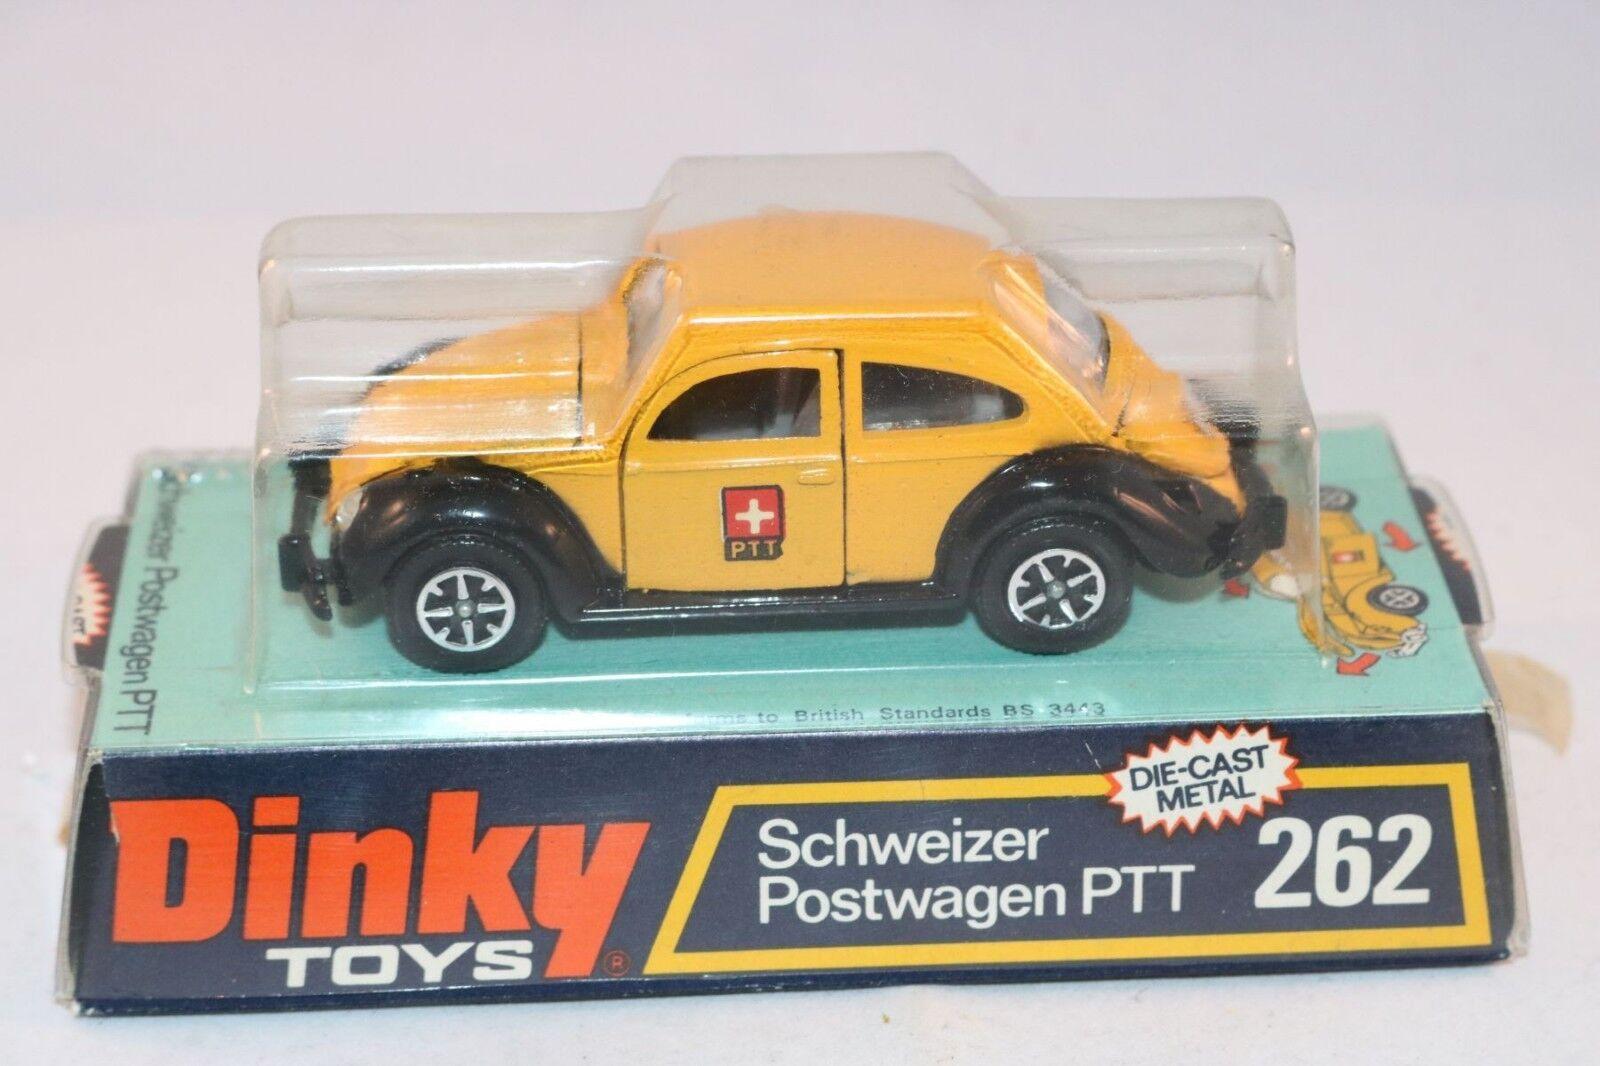 grandes ahorros Dinky Juguetes 262 Schweizer Postwagen PTT PTT PTT MIB and mint box all original condition  promociones